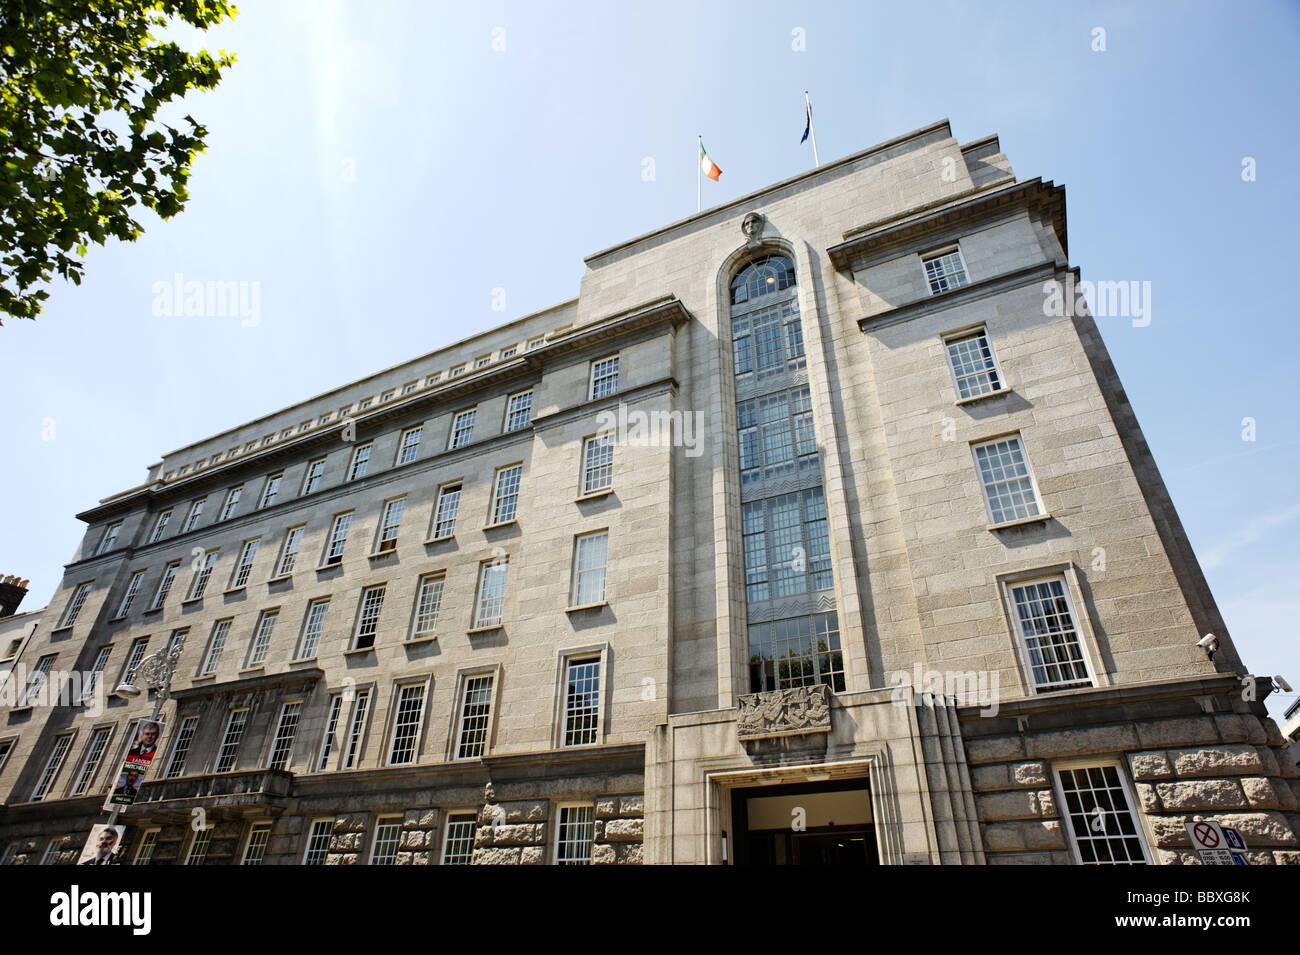 Ministero delle imprese del commercio e dell'occupazione edificio DETE Dublino Repubblica di Irlanda Immagini Stock